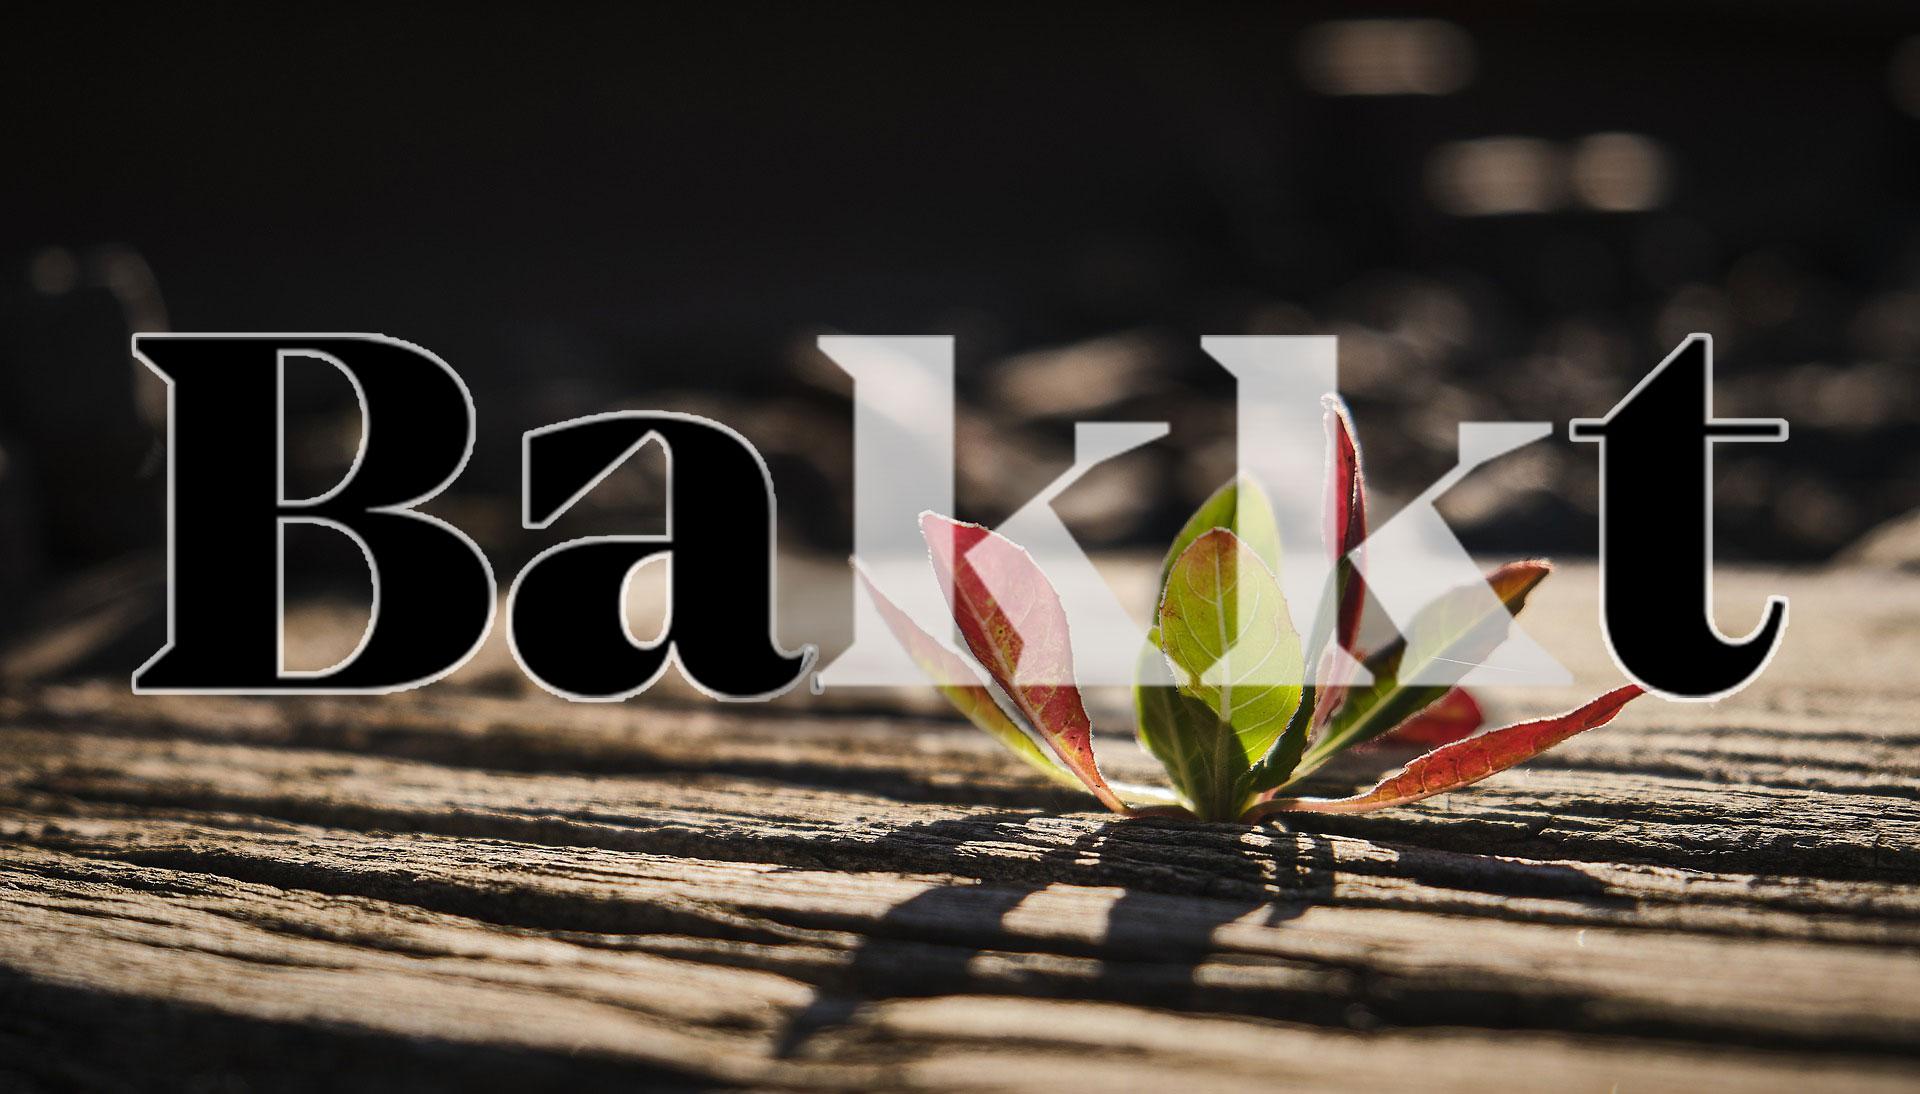 ビットコイン先物の「Bakkt」、開発アプリを近日リリースか